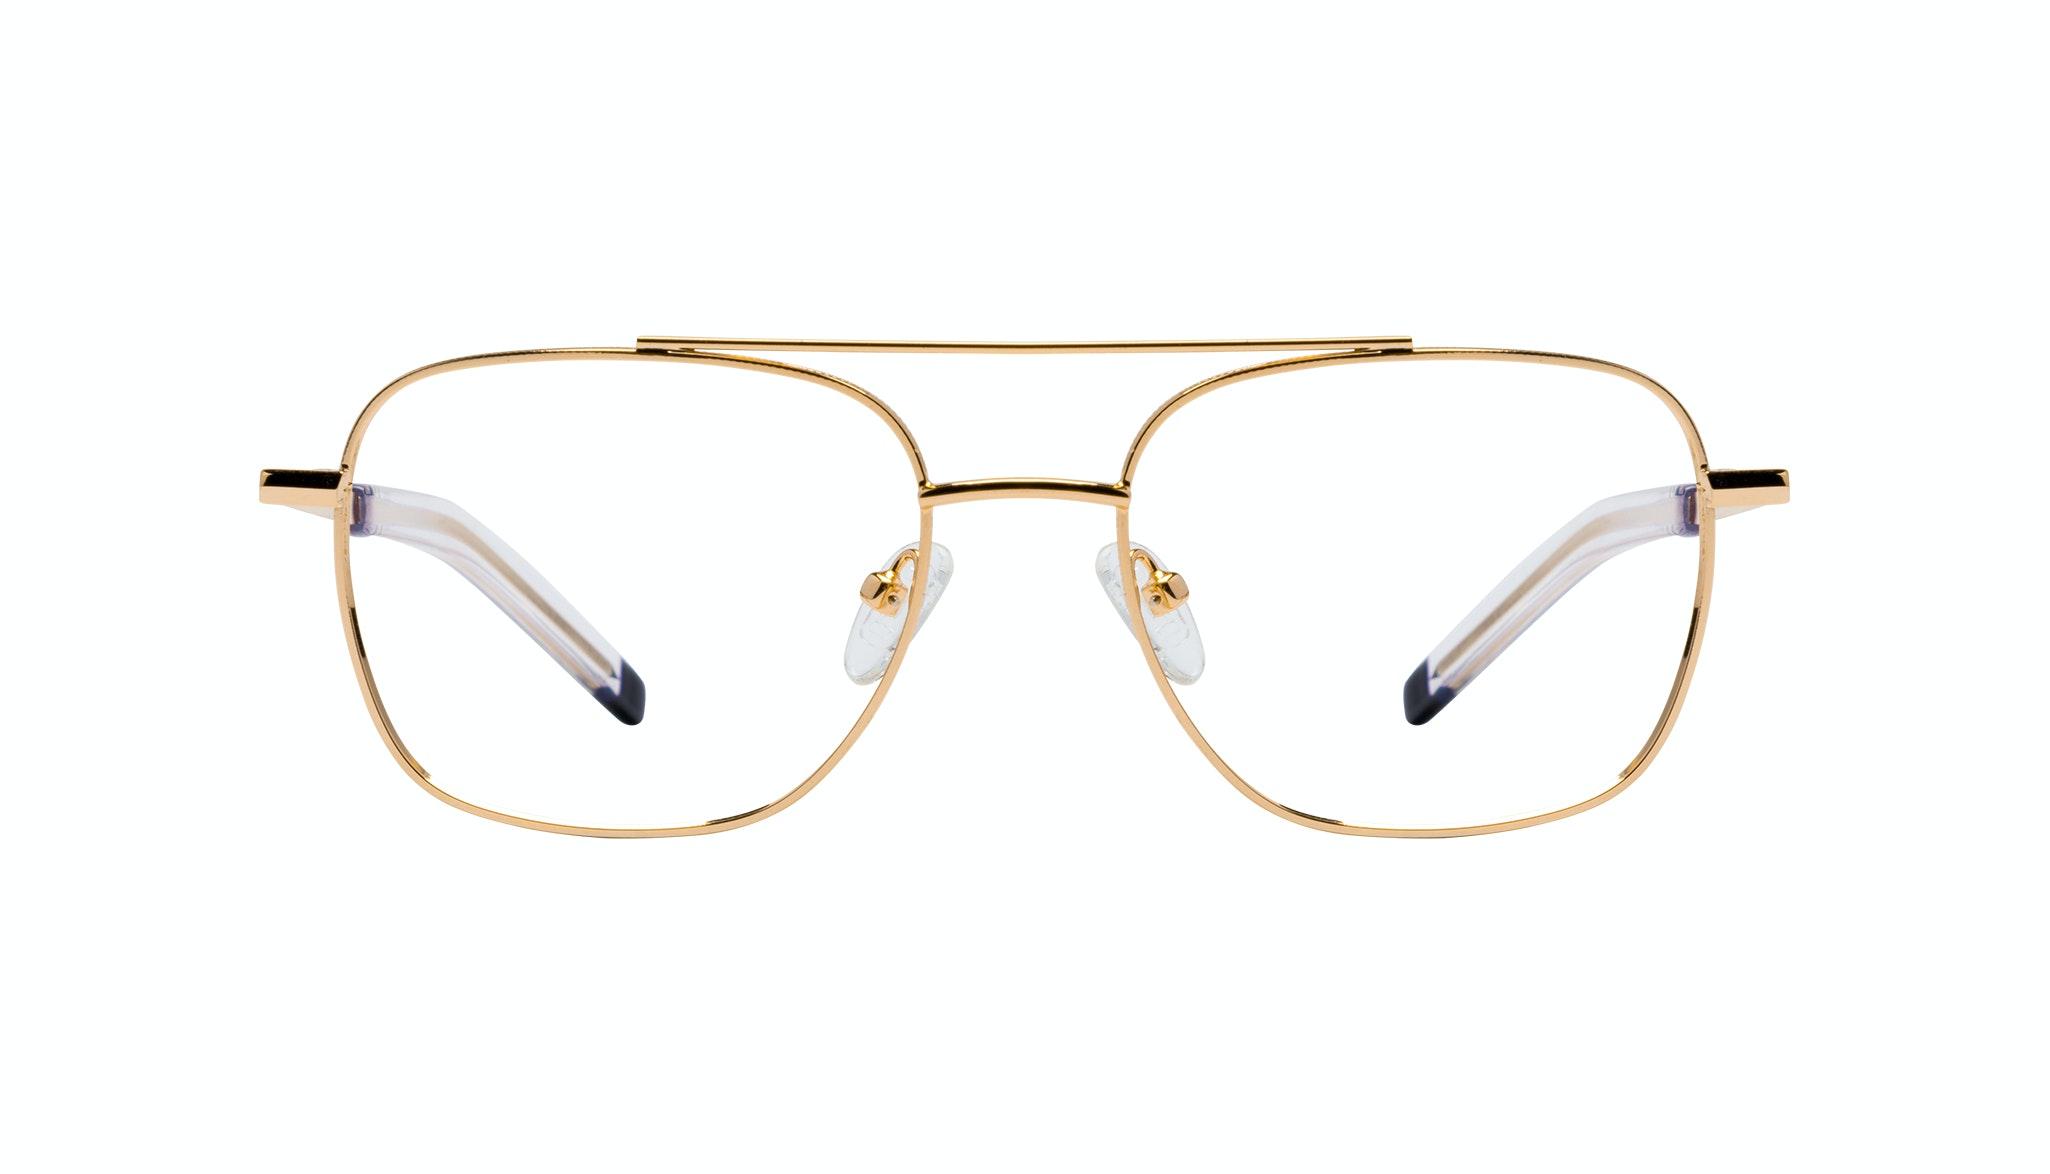 Lunettes tendance Lunettes aviateur Lunettes de vue Hommes Drift Gold Face